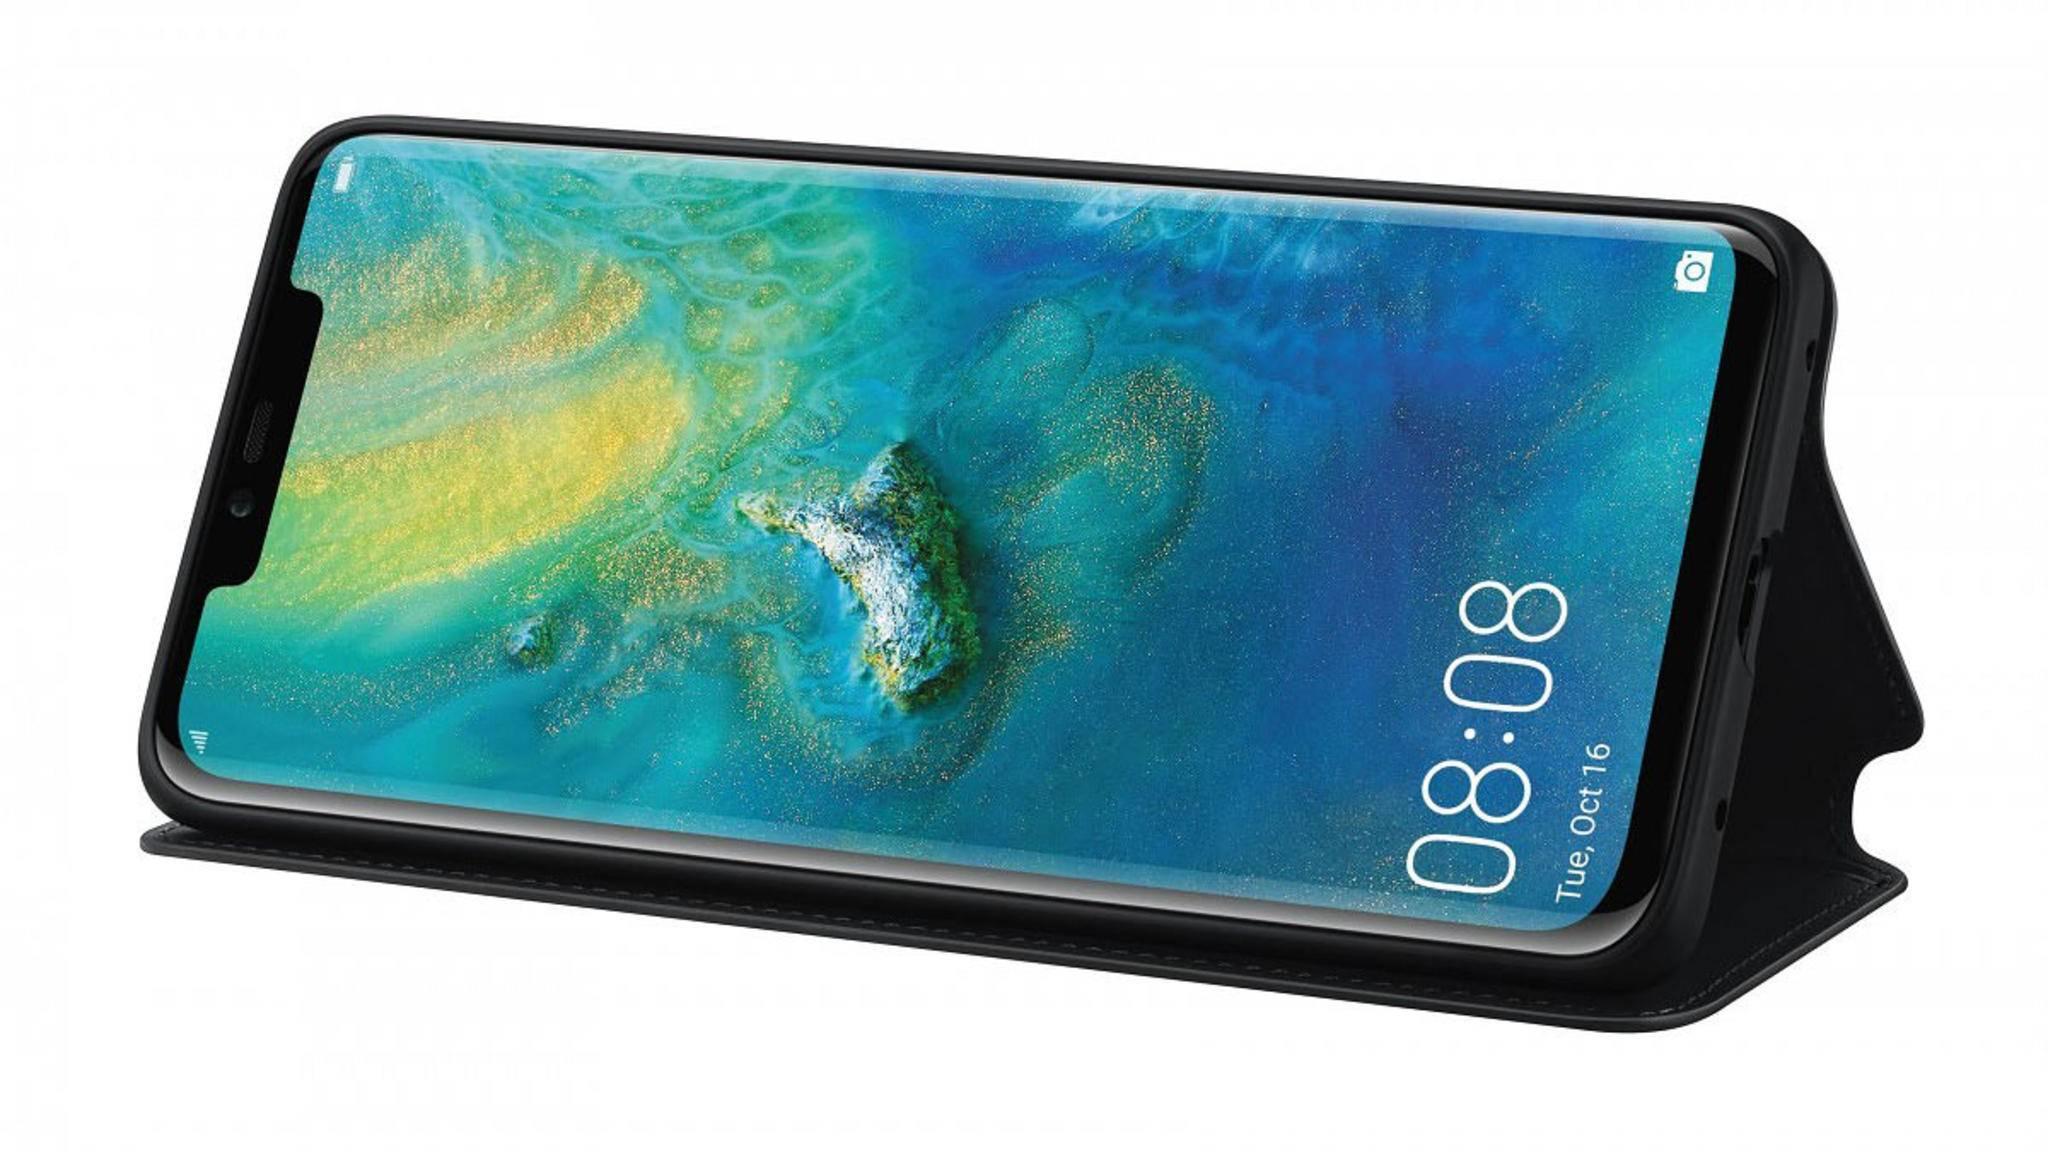 Kein iPhone XS, sondern ein Huawei Mate 20 Pro: So soll das kommende Flaggschiff wohl aussehen.